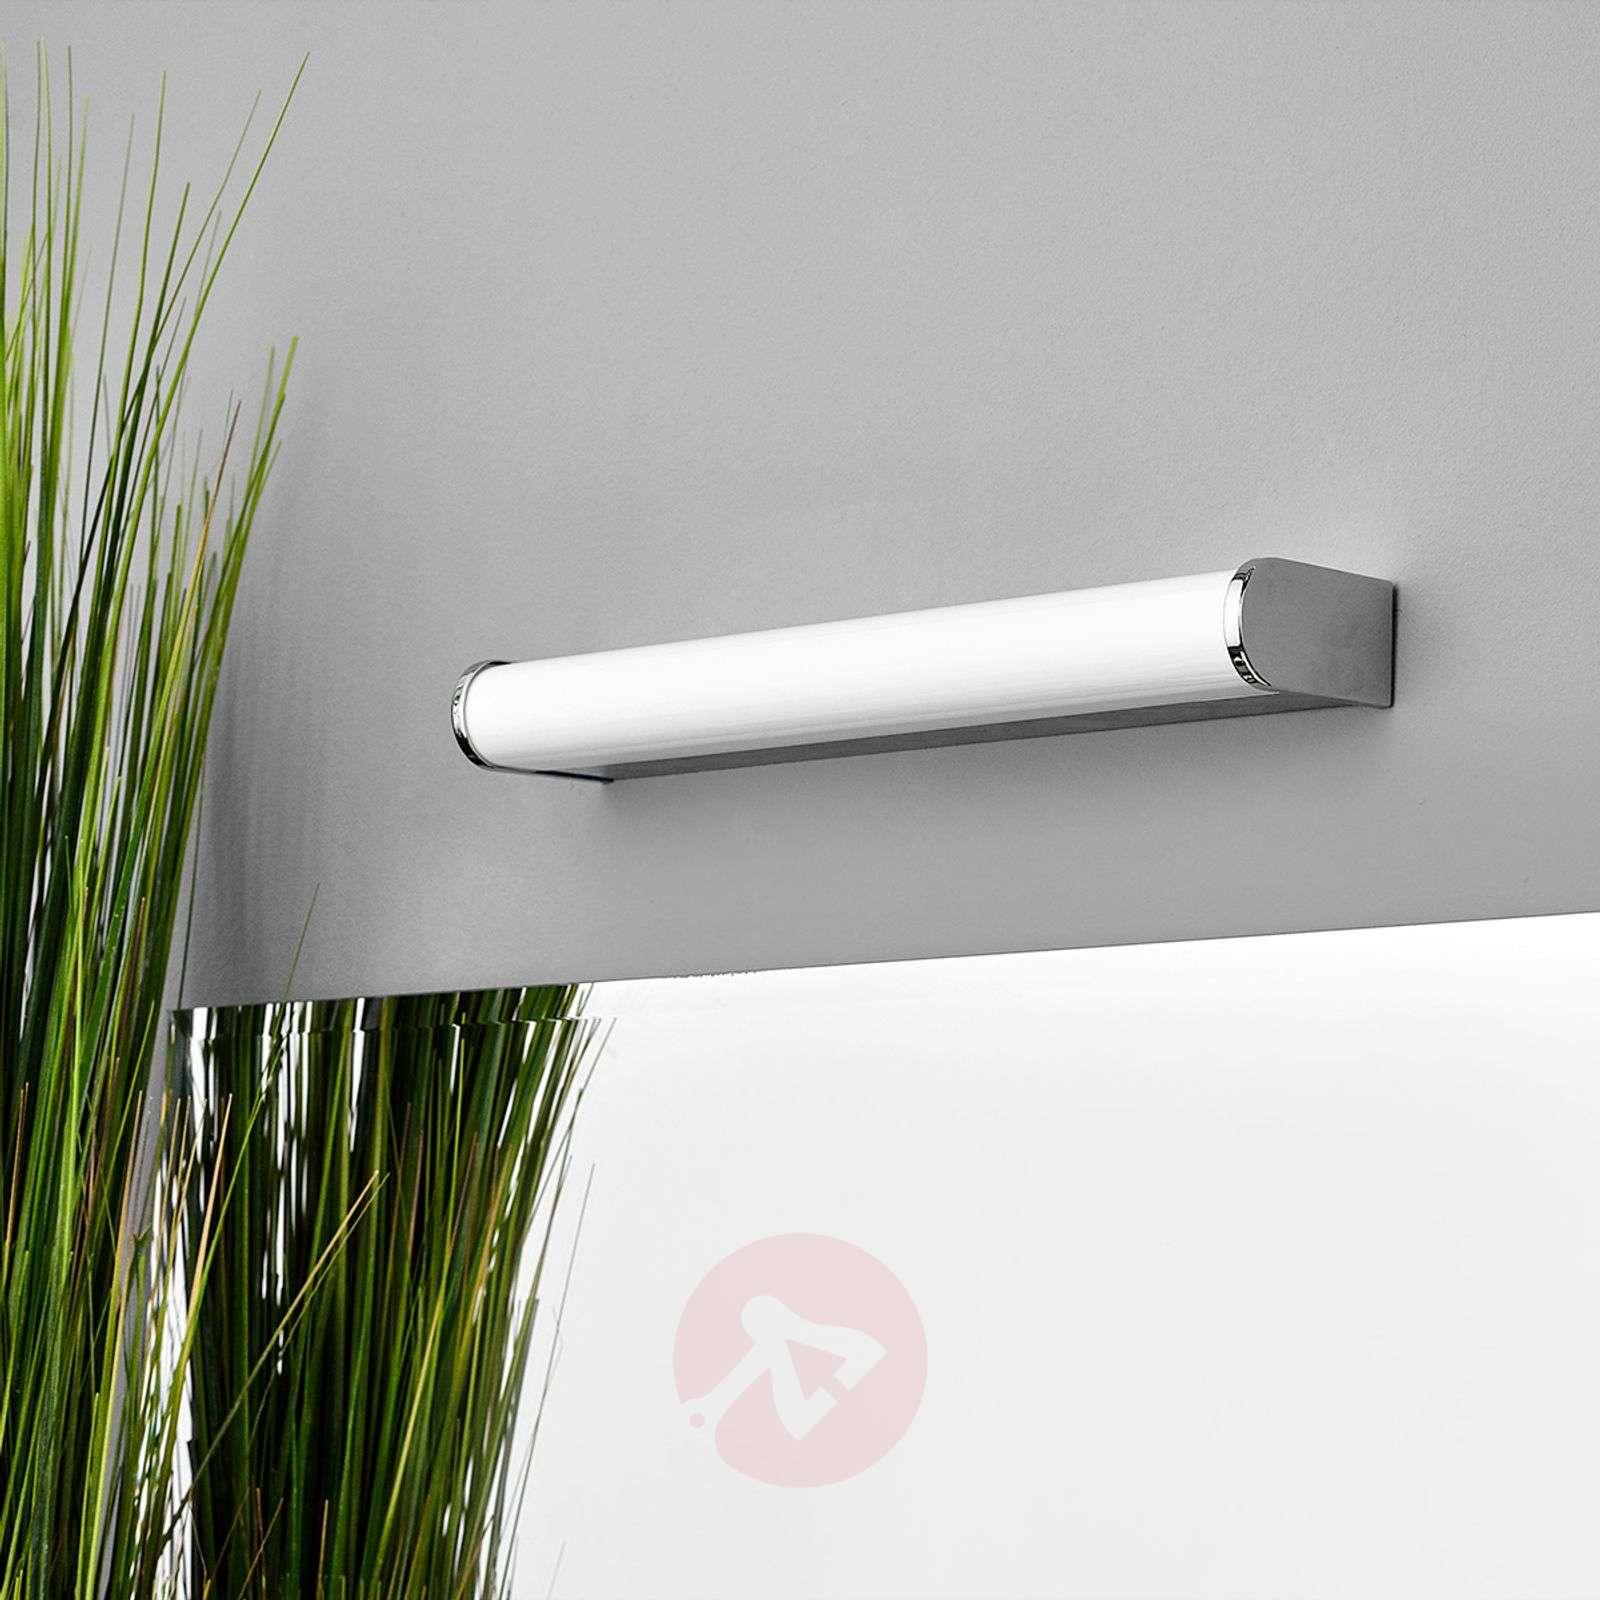 Philippa LED Bathroom and Mirror Light-9641011-01